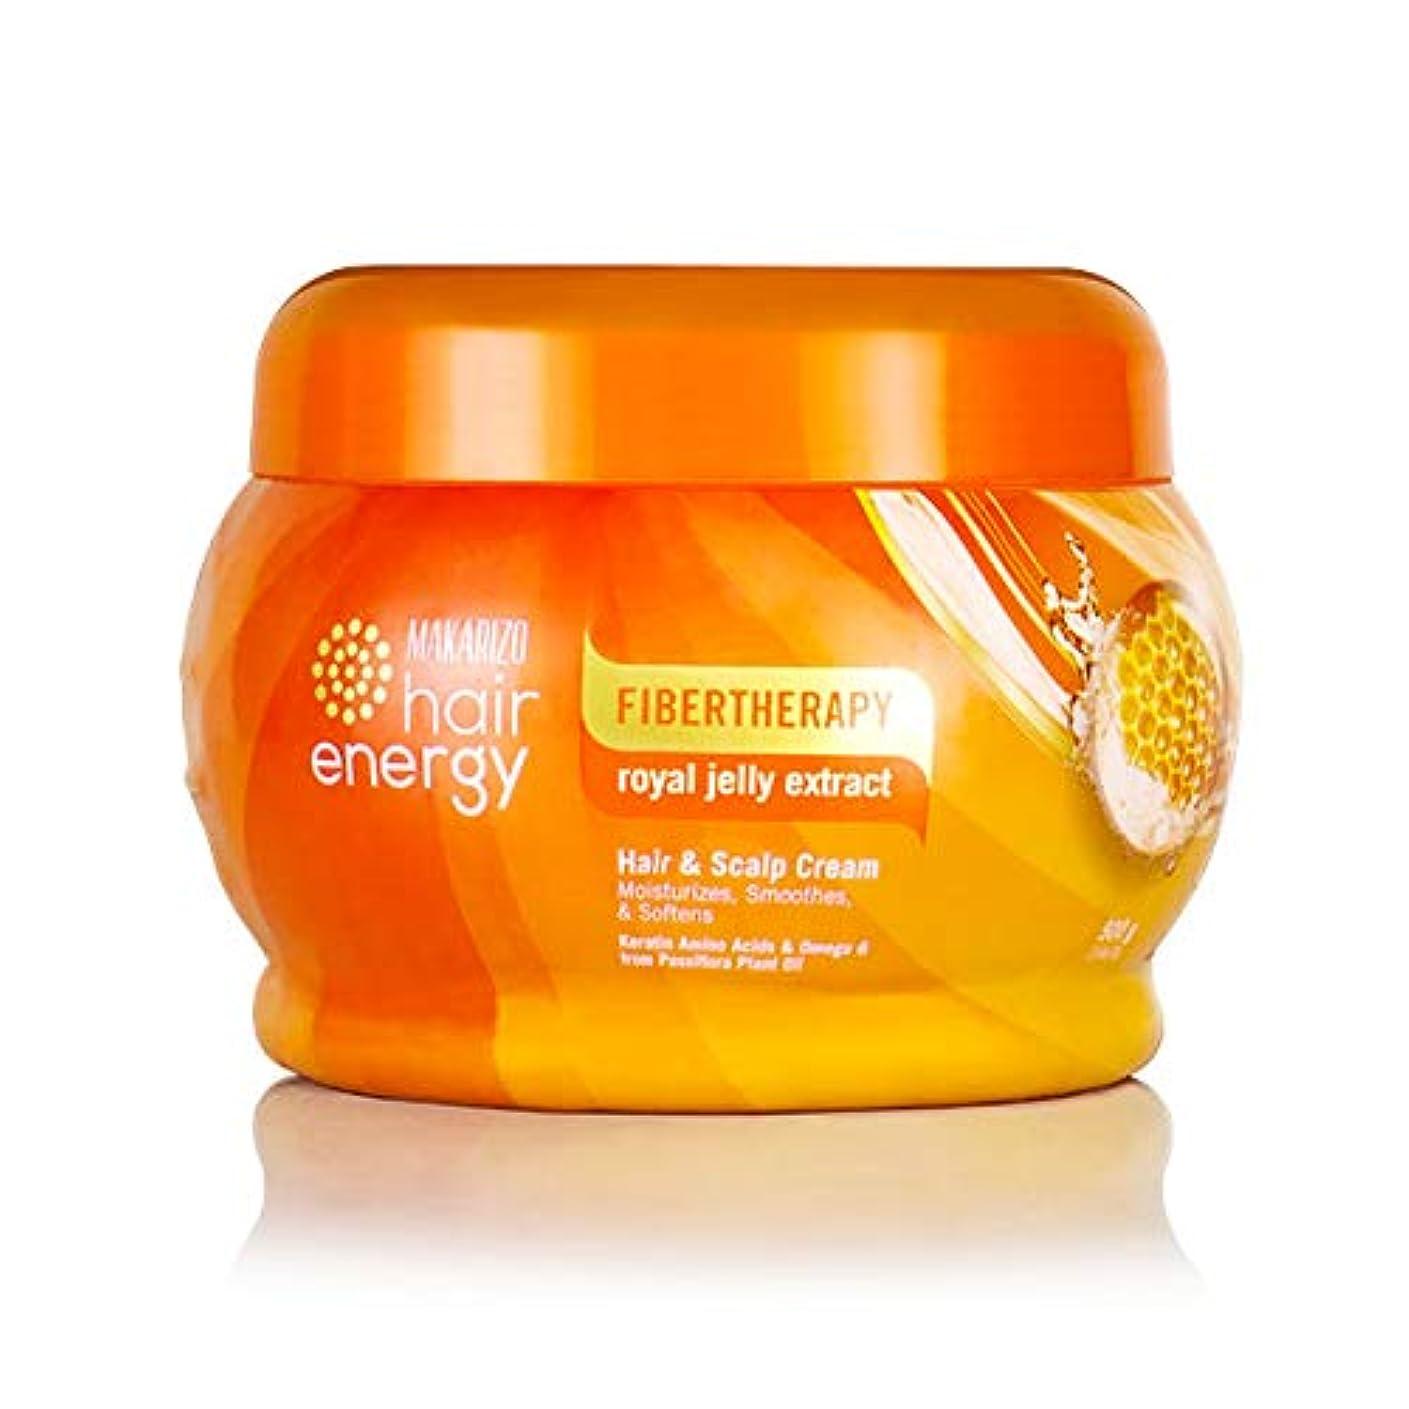 インポート冒険家ケーブルMAKARIZO マカリゾ Hair Energy ヘアエナジー Creambath クリームバス ファイバーセラピー ヘア&スカルプクリーム 500g Royal Jelly ロイヤルゼリー [海外直送品]